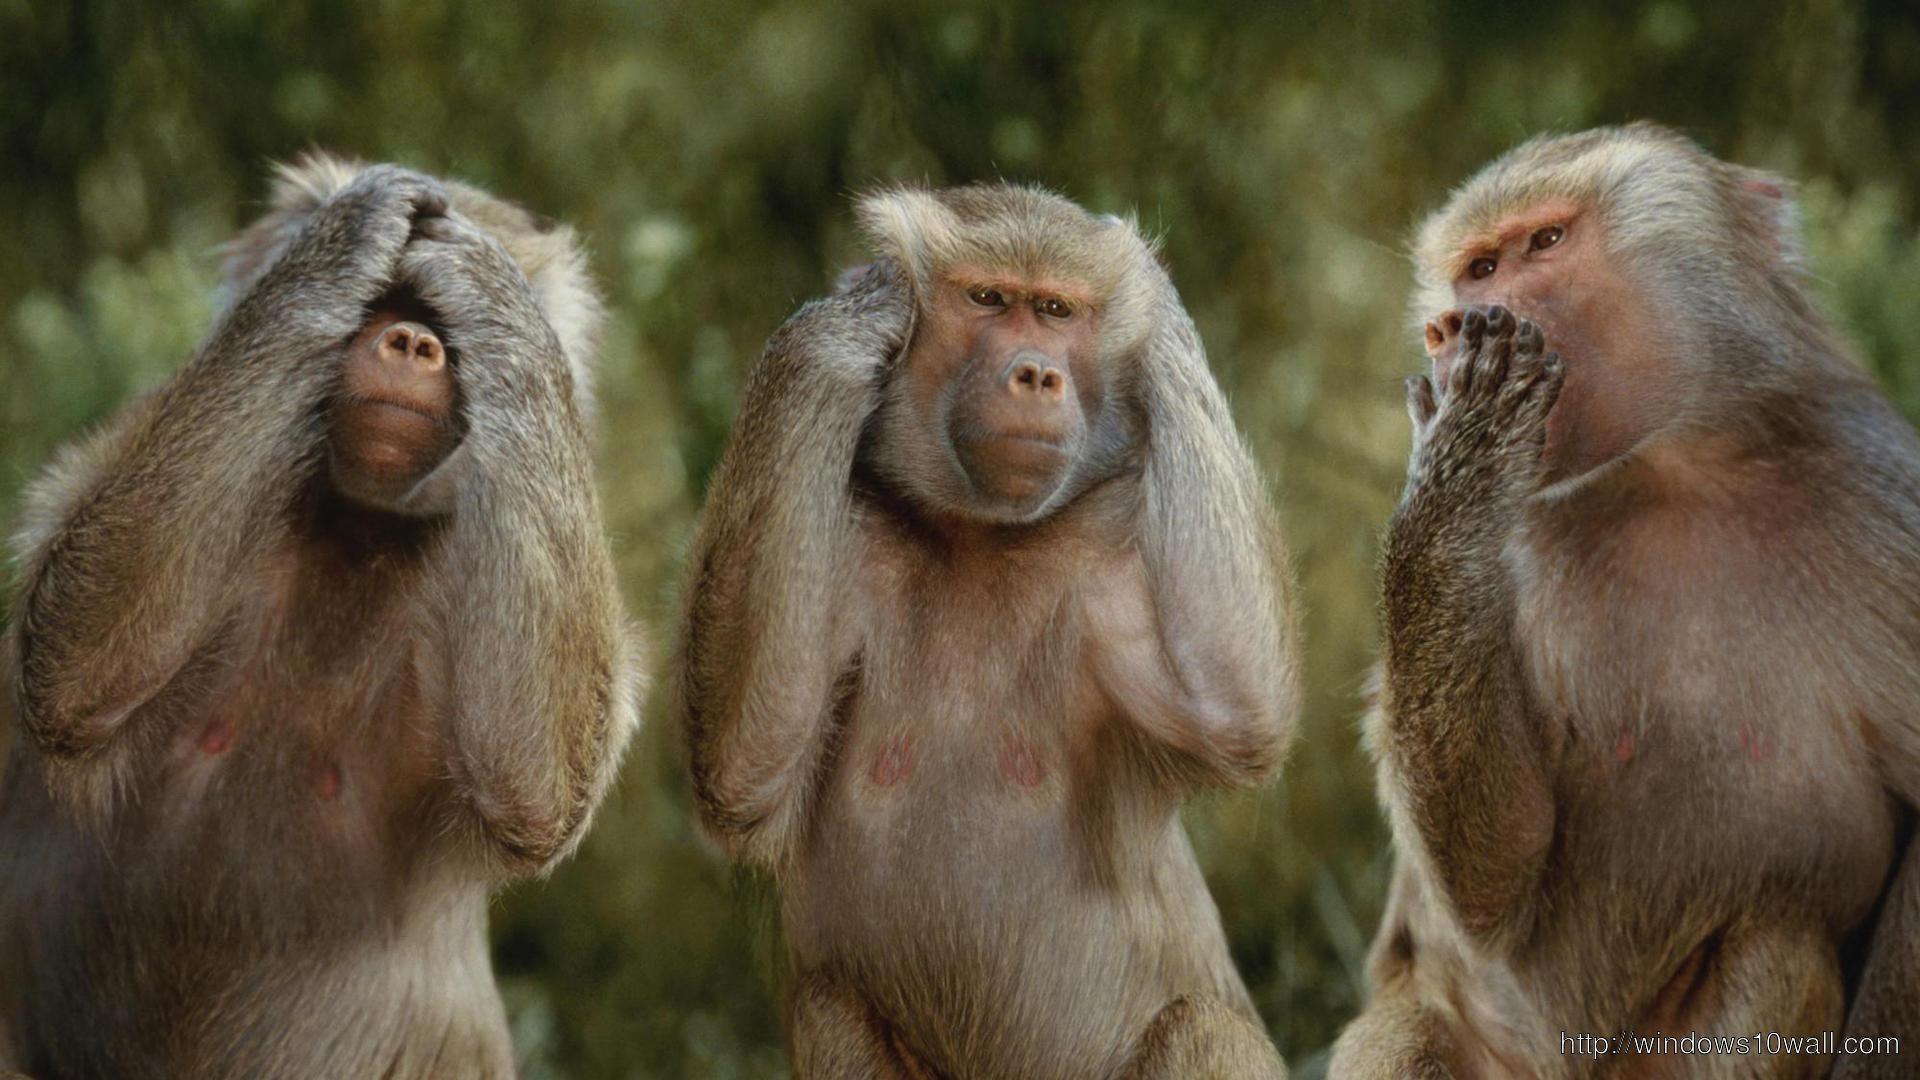 Comical Photo  Funny Monkey Photoshoot